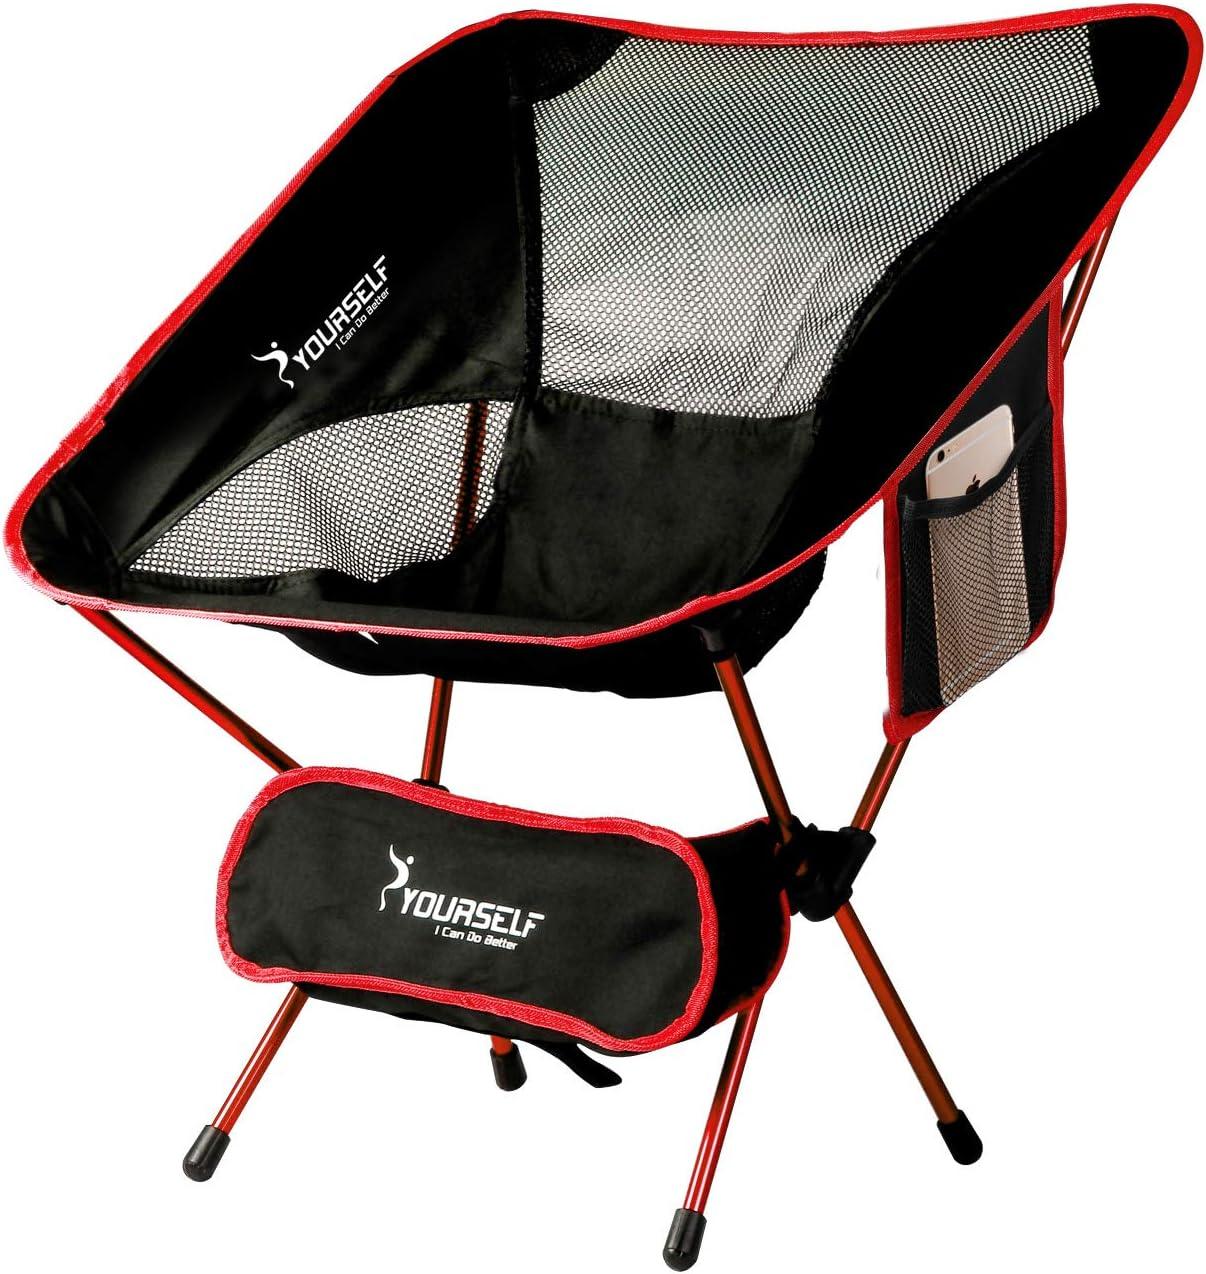 Syourself Silla de Camping Plegable portátil, Ligera, compacta, cómoda, Transpirable, para Playa, para Senderismo, Picnic, Actividades al Aire Libre y ...